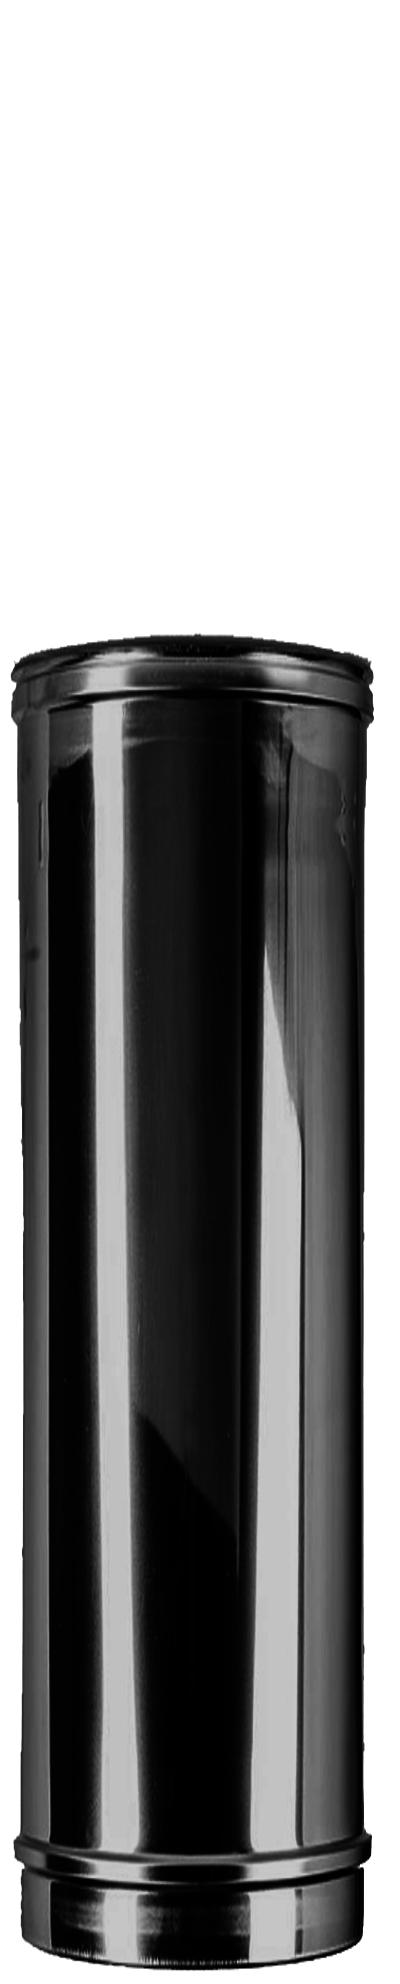 Längenelement 500 mm DW Ø 150/200 mm schwarz - ISOTUBE Plus